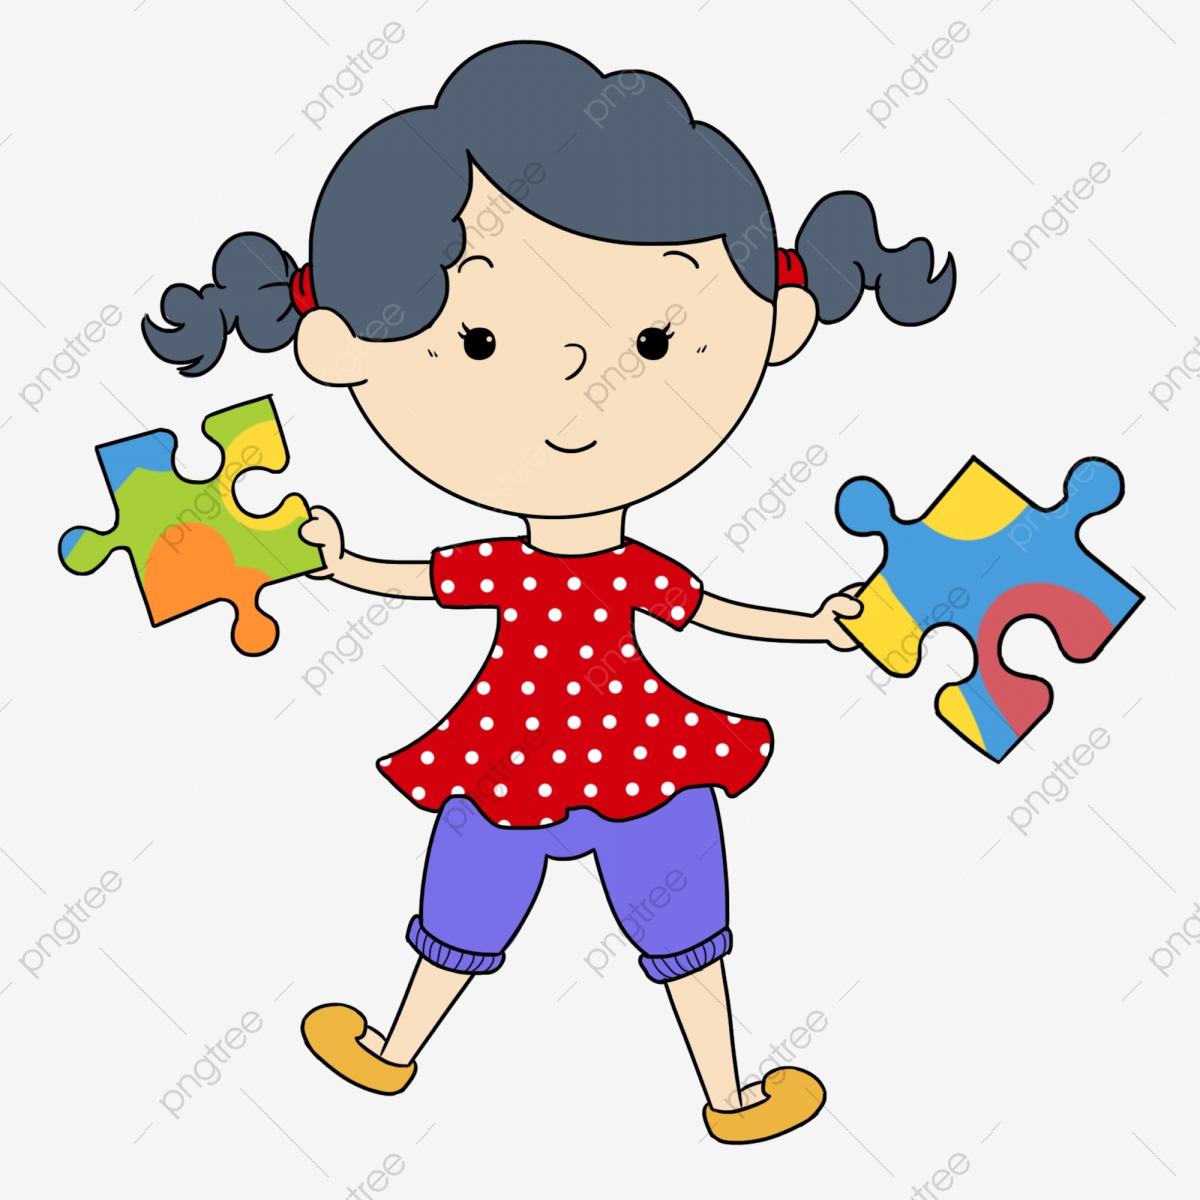 Jeu Intellectuel Puzzle Été Enfant, Jolie Fille, Jeu à Jeux De Puzzle Pour Enfan Gratuit